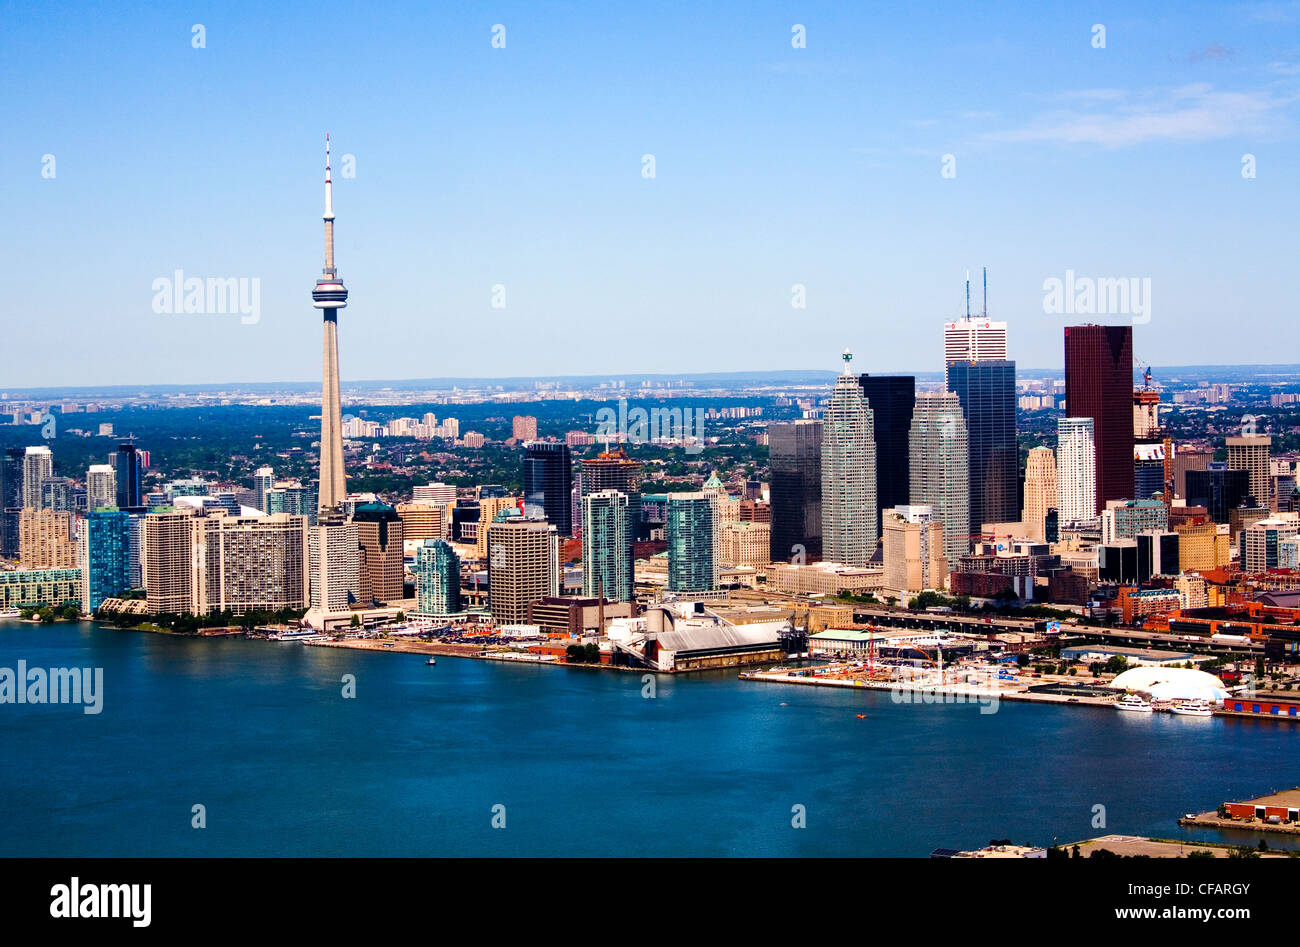 Toronto skyline with CN Tower, Toronto, Ontario, Canada - Stock Image